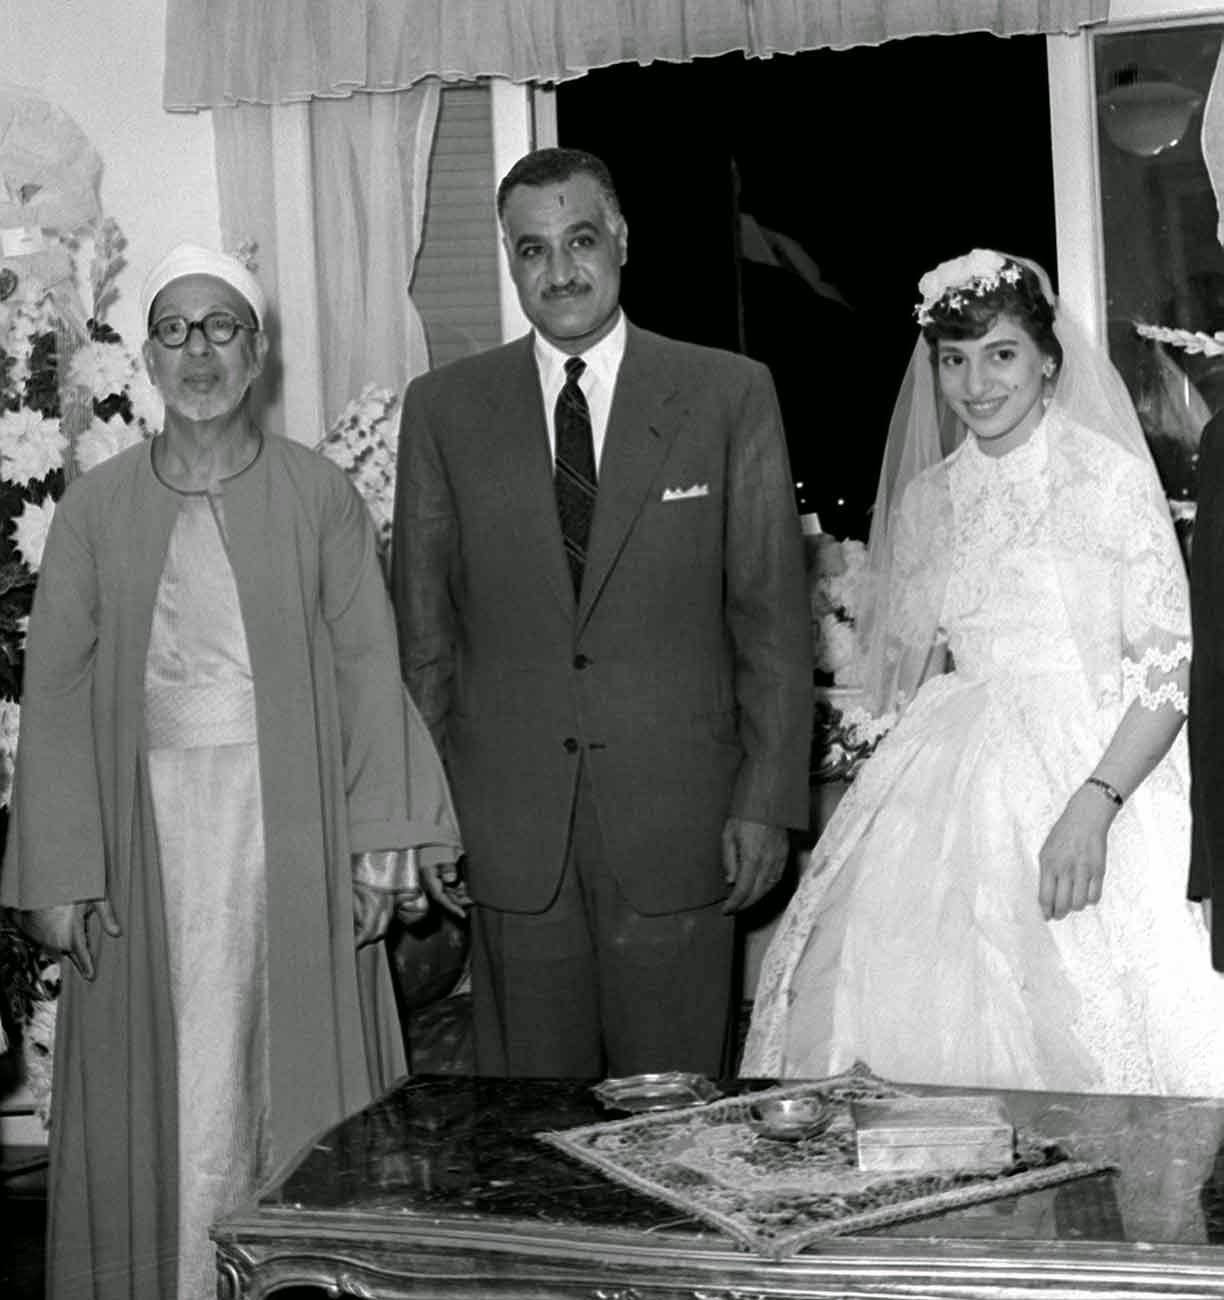 """Mariage de la fille de Abderrahman Taj """"عبد الرحمن تاج"""", grand cheick d'al-Azhar dans les années 50 en présence du président de la république Jamal Abdenasser"""